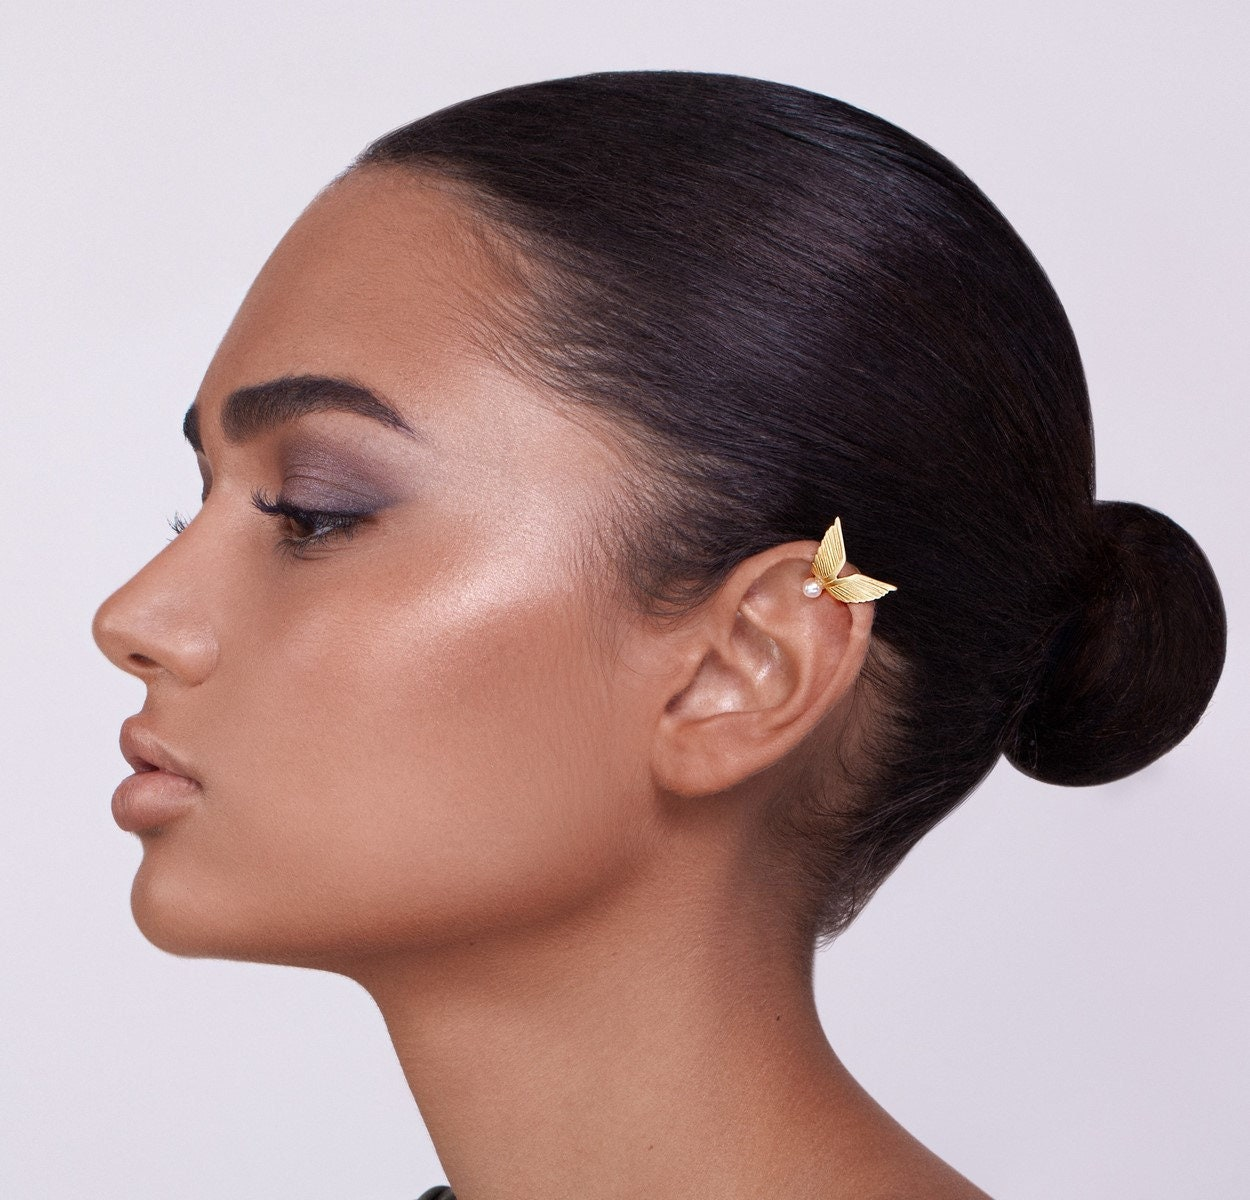 Goldene Flügel Ohr Manschette mit Perle Ohr Manschette kein   Etsy